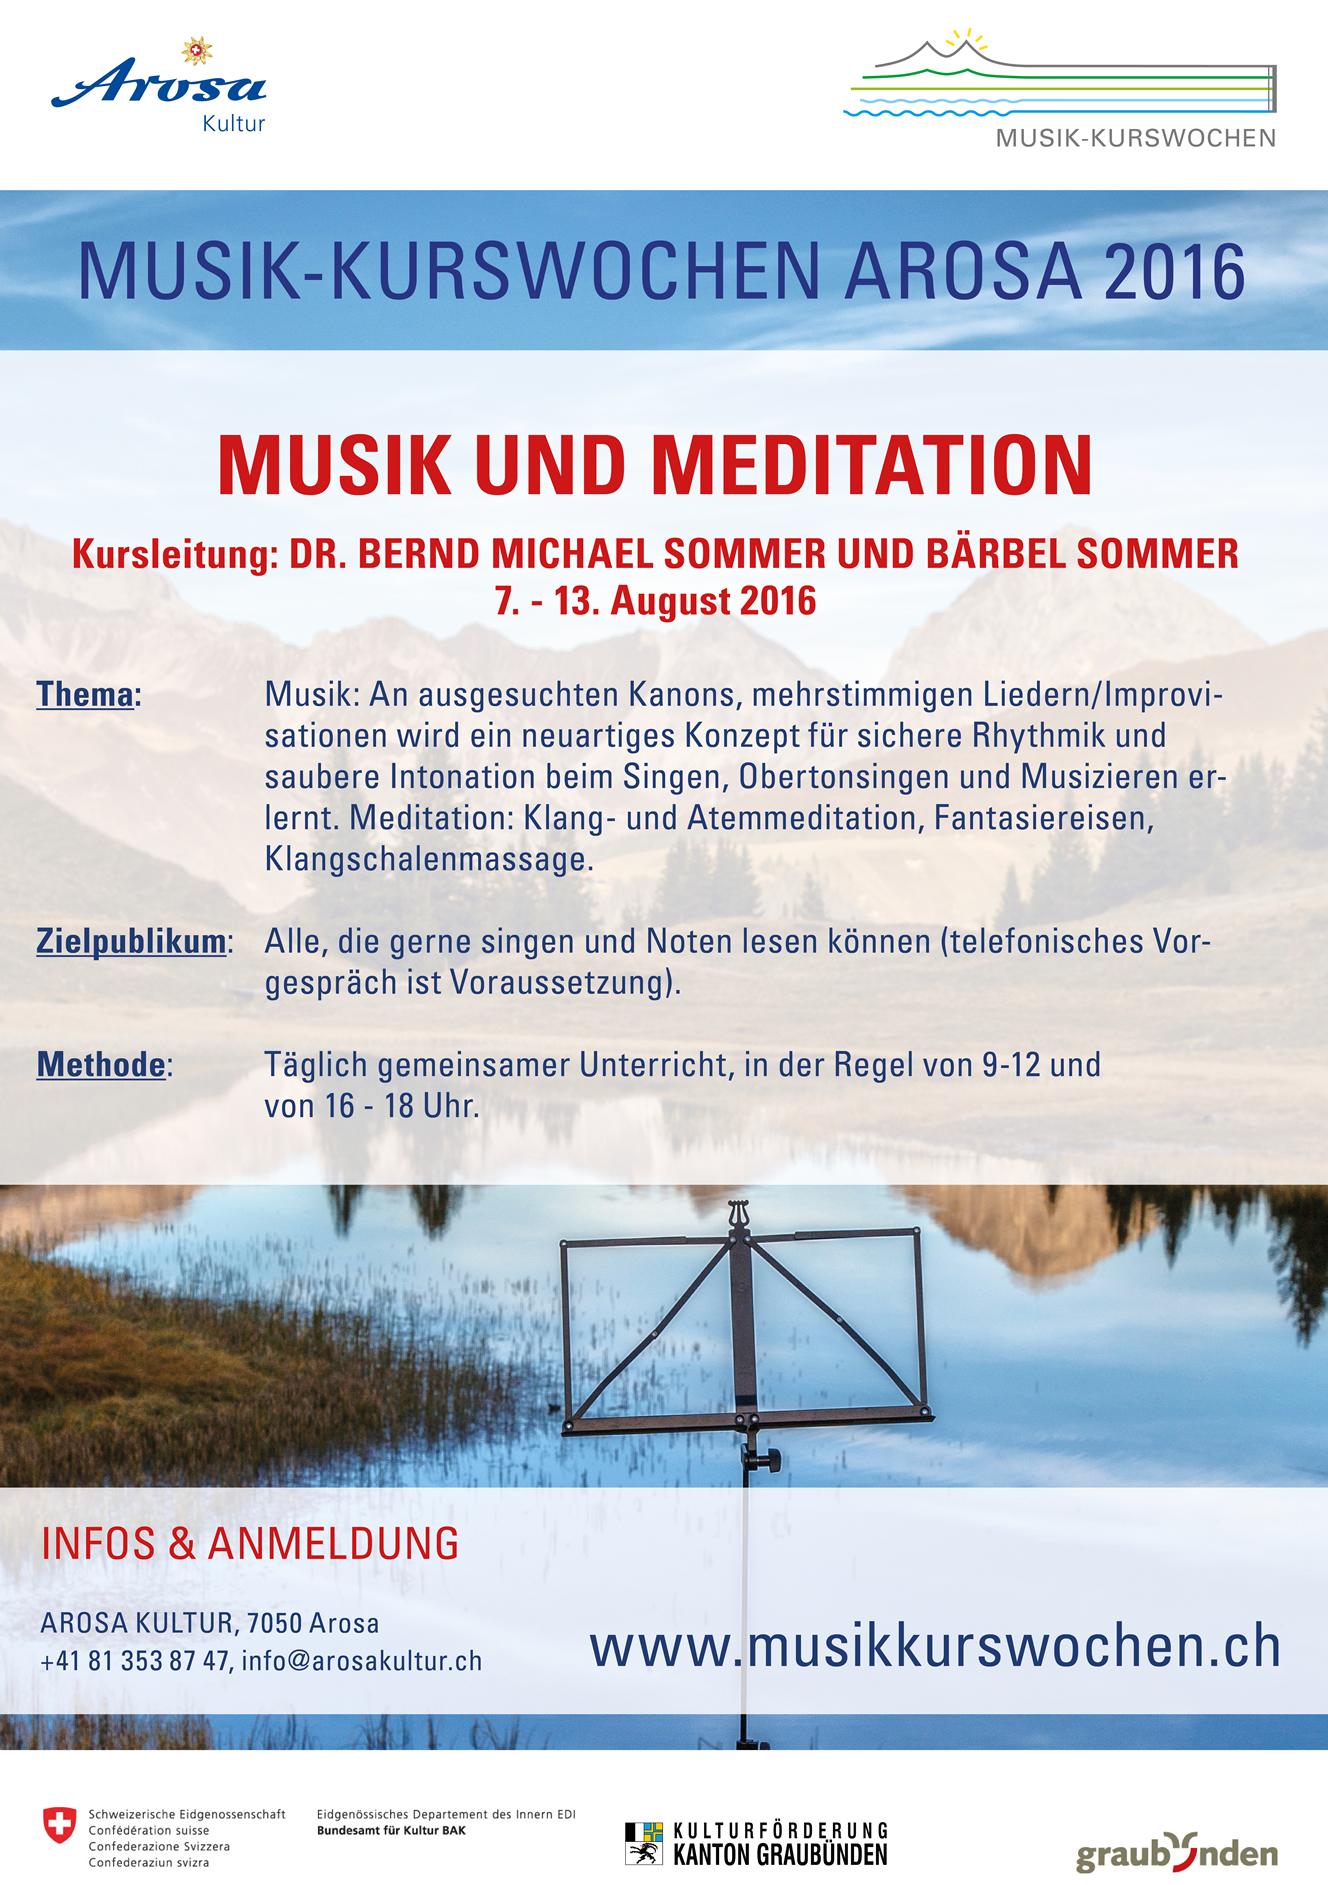 Flyer zum Kurs MUSIK und MEDITATION bei den Musikkurswochen Arosa 2016. Mit Bernd und Barbara Sommer